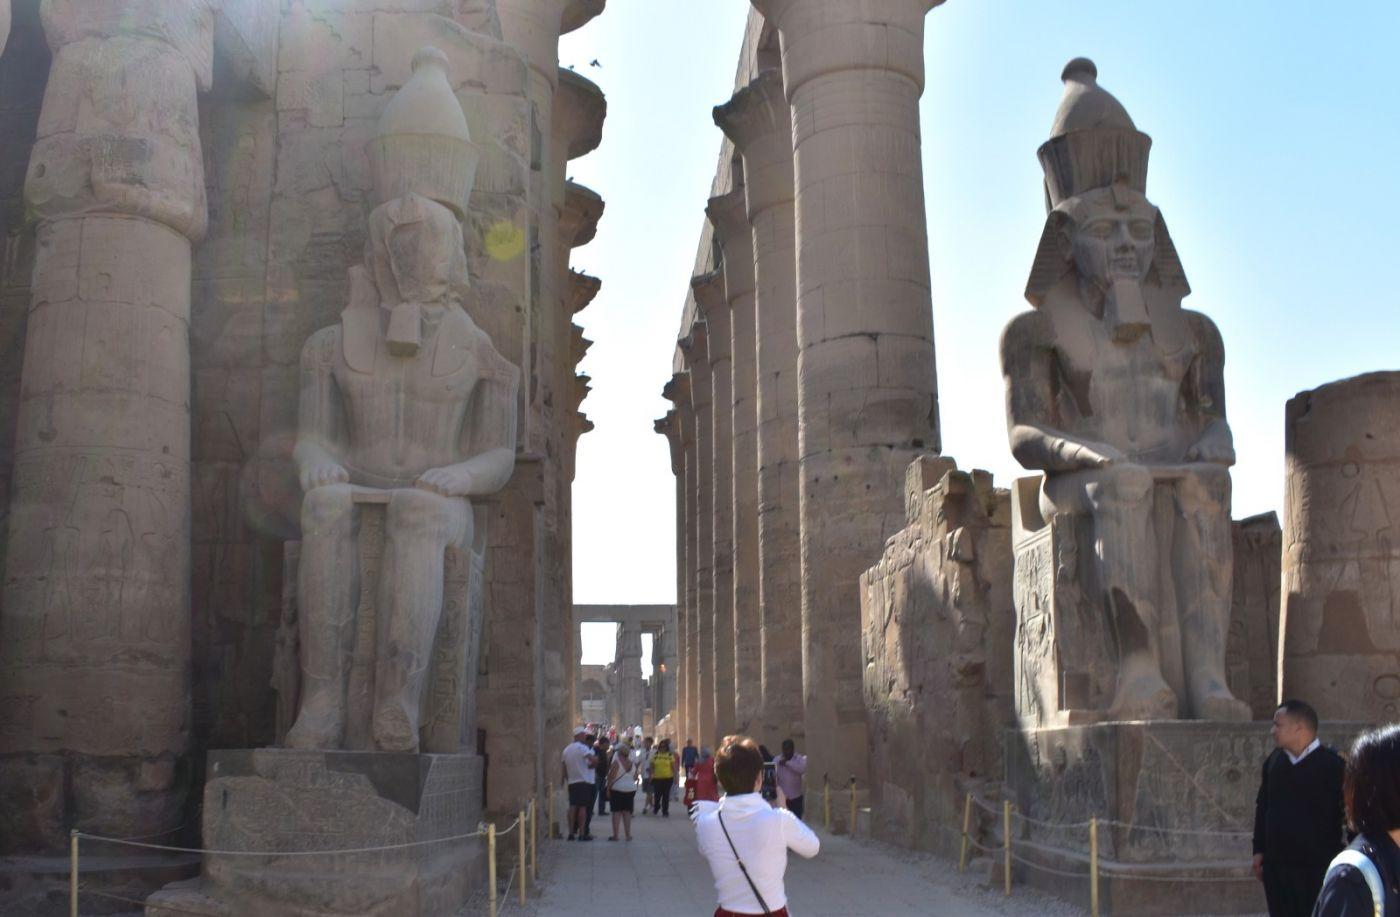 埃德富神庙和卢克索神庙_图1-30